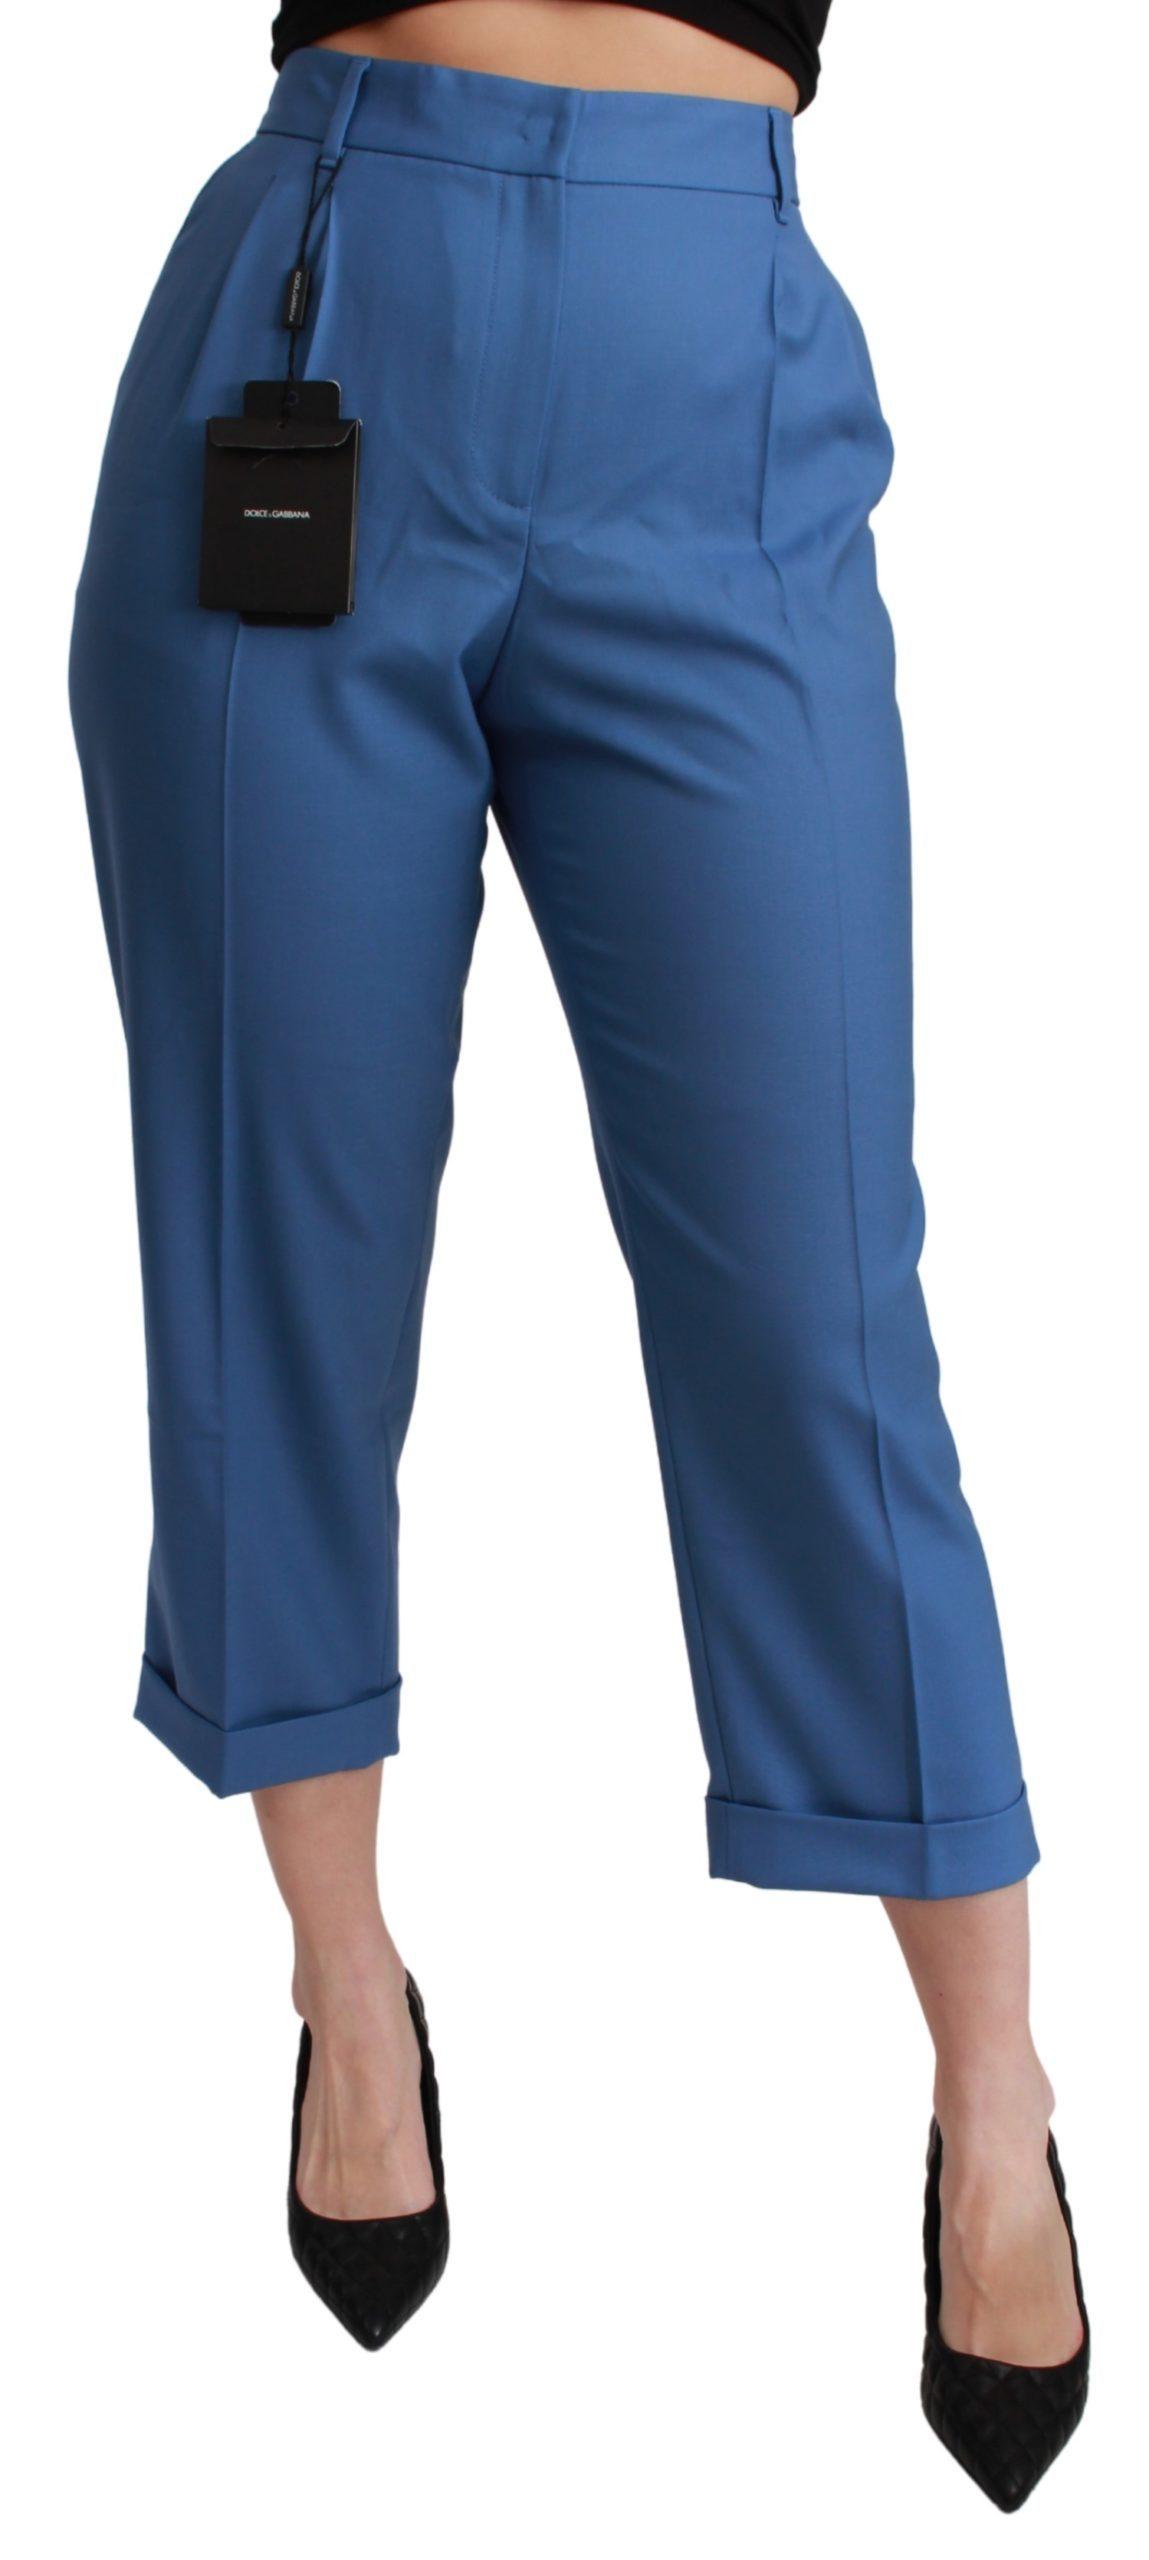 Dolce & Gabbana Women's Pleated Wool Cuffed Cropped Trouser Blue PAN71060 - IT36 | XS